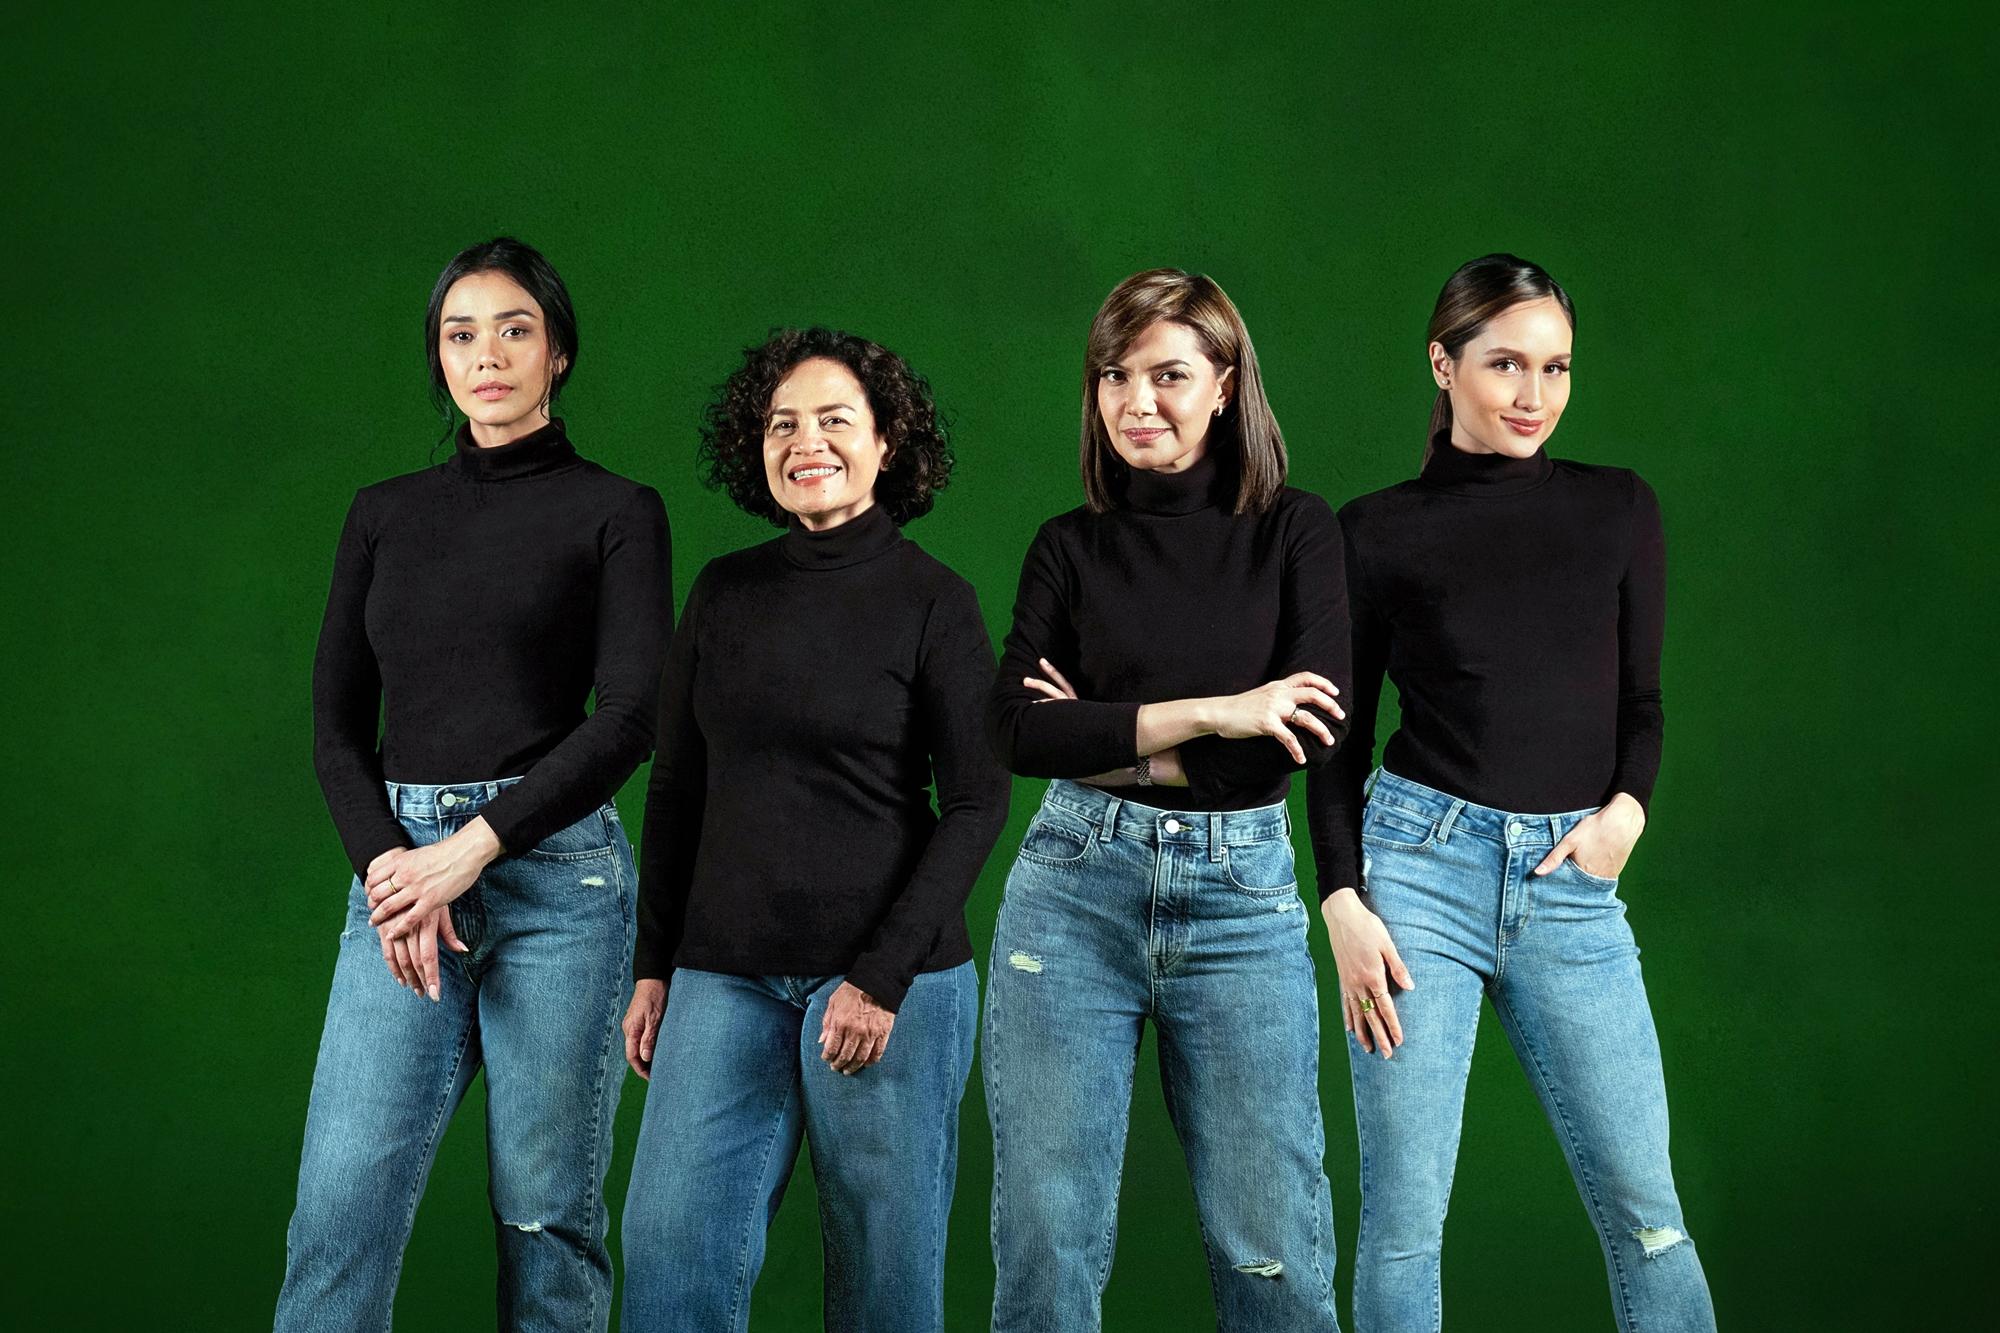 5 Jejak ketangguhan perempuan berpengaruh dalam balutan turtleneck